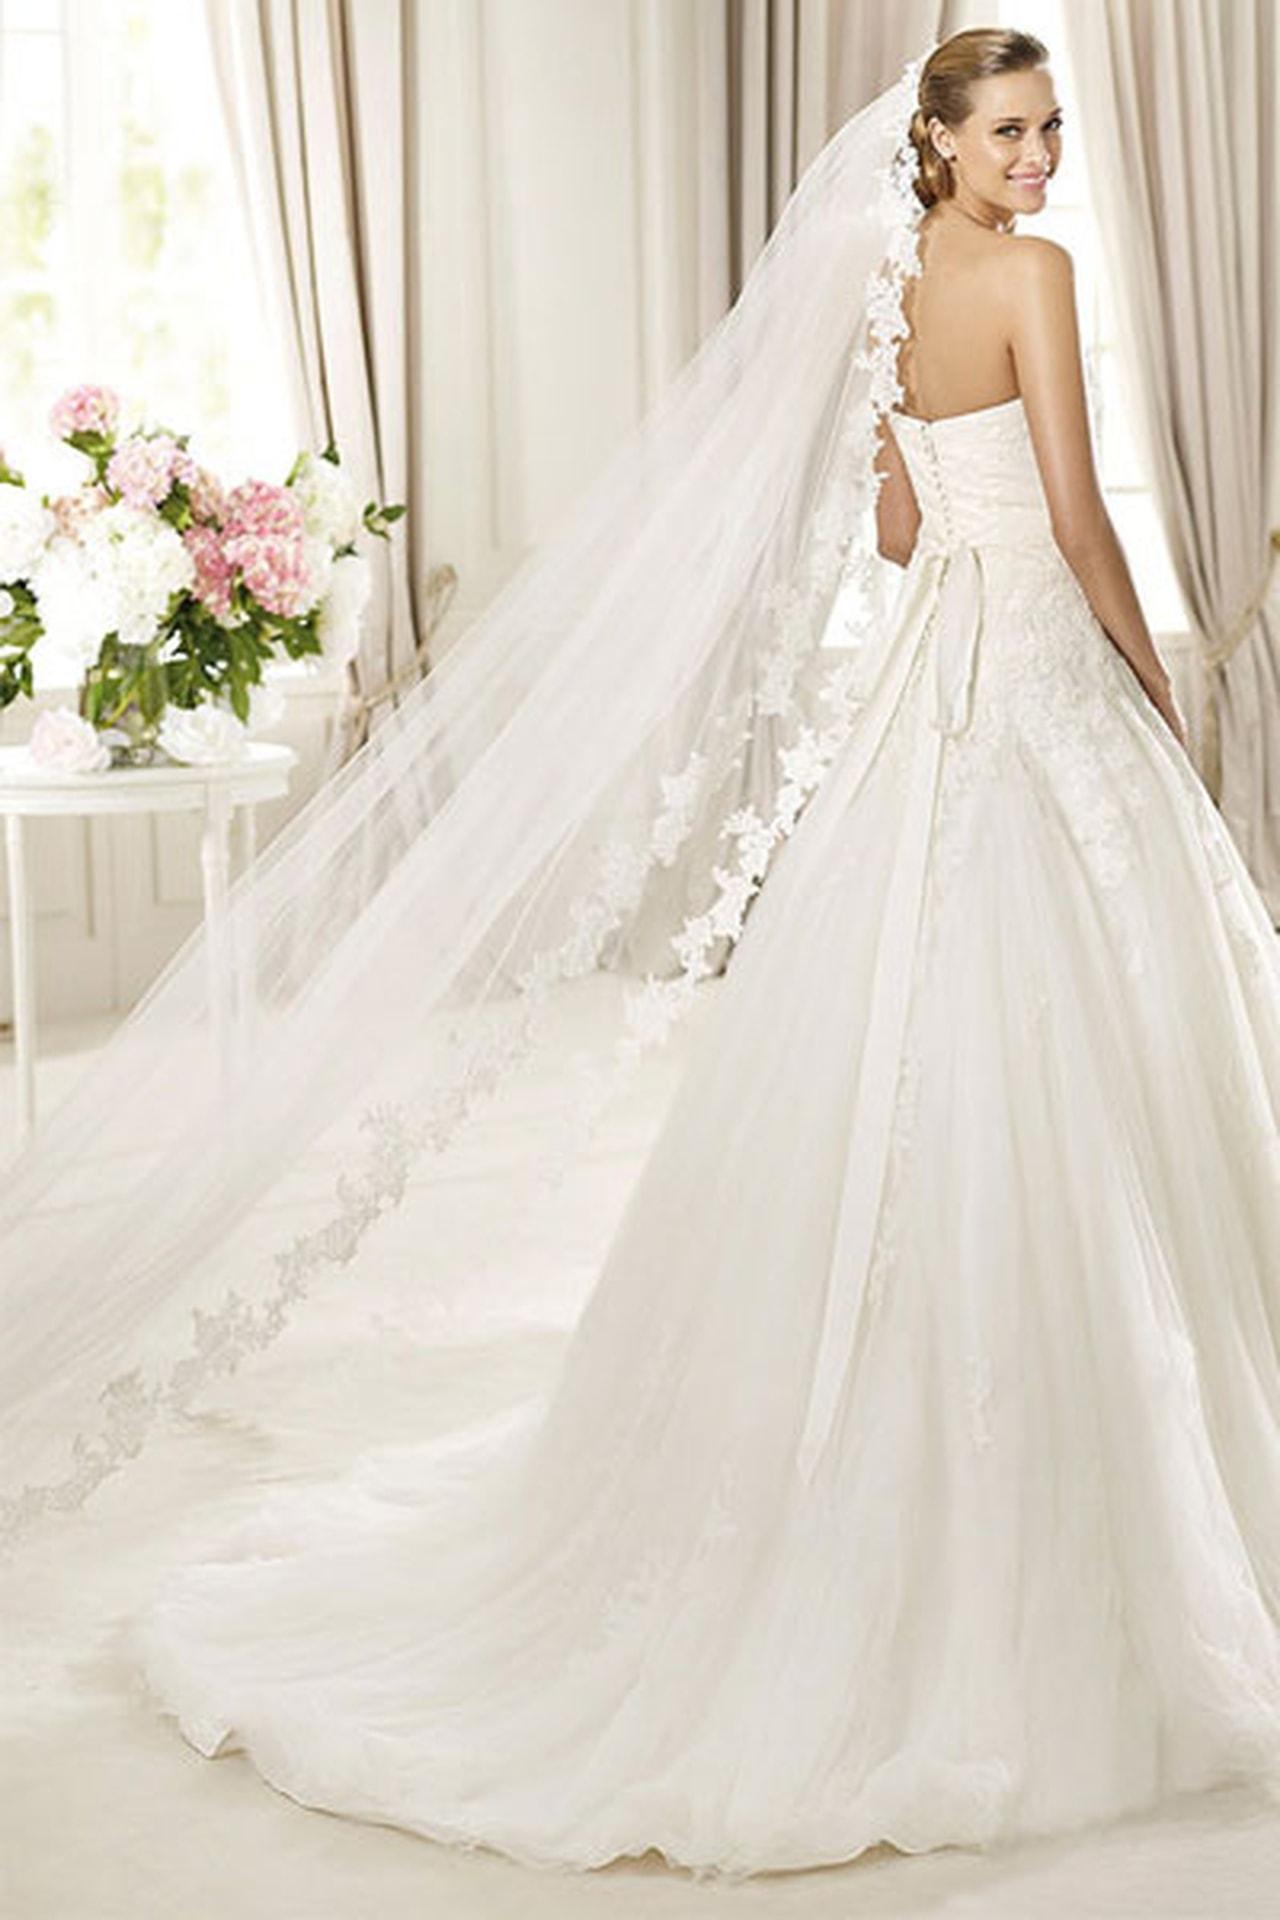 صورة صور عن العروس , بالصور البومات العرس من الاساسيات 3452 1